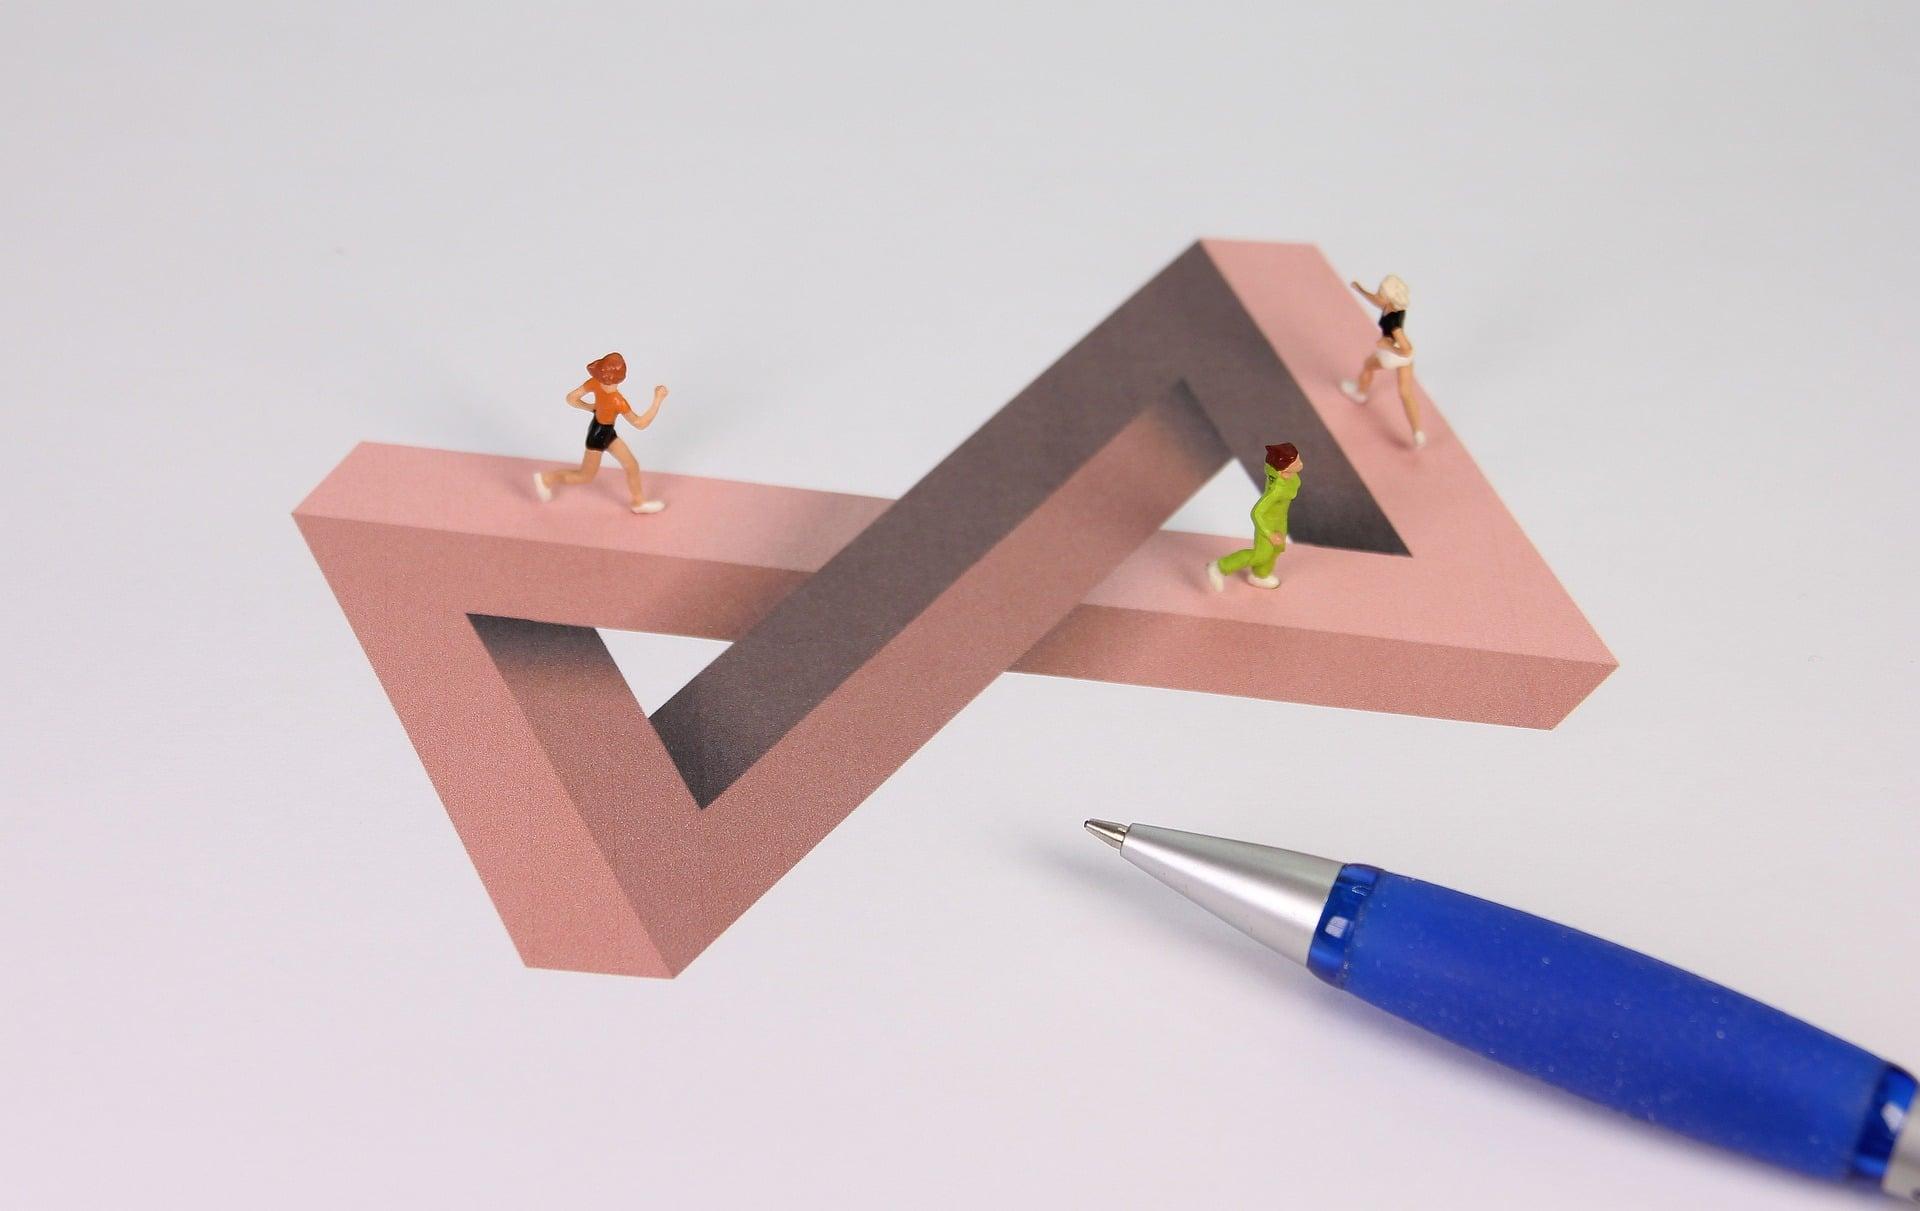 敏捷式學習設計「雙環模型系統」|太毅電子報